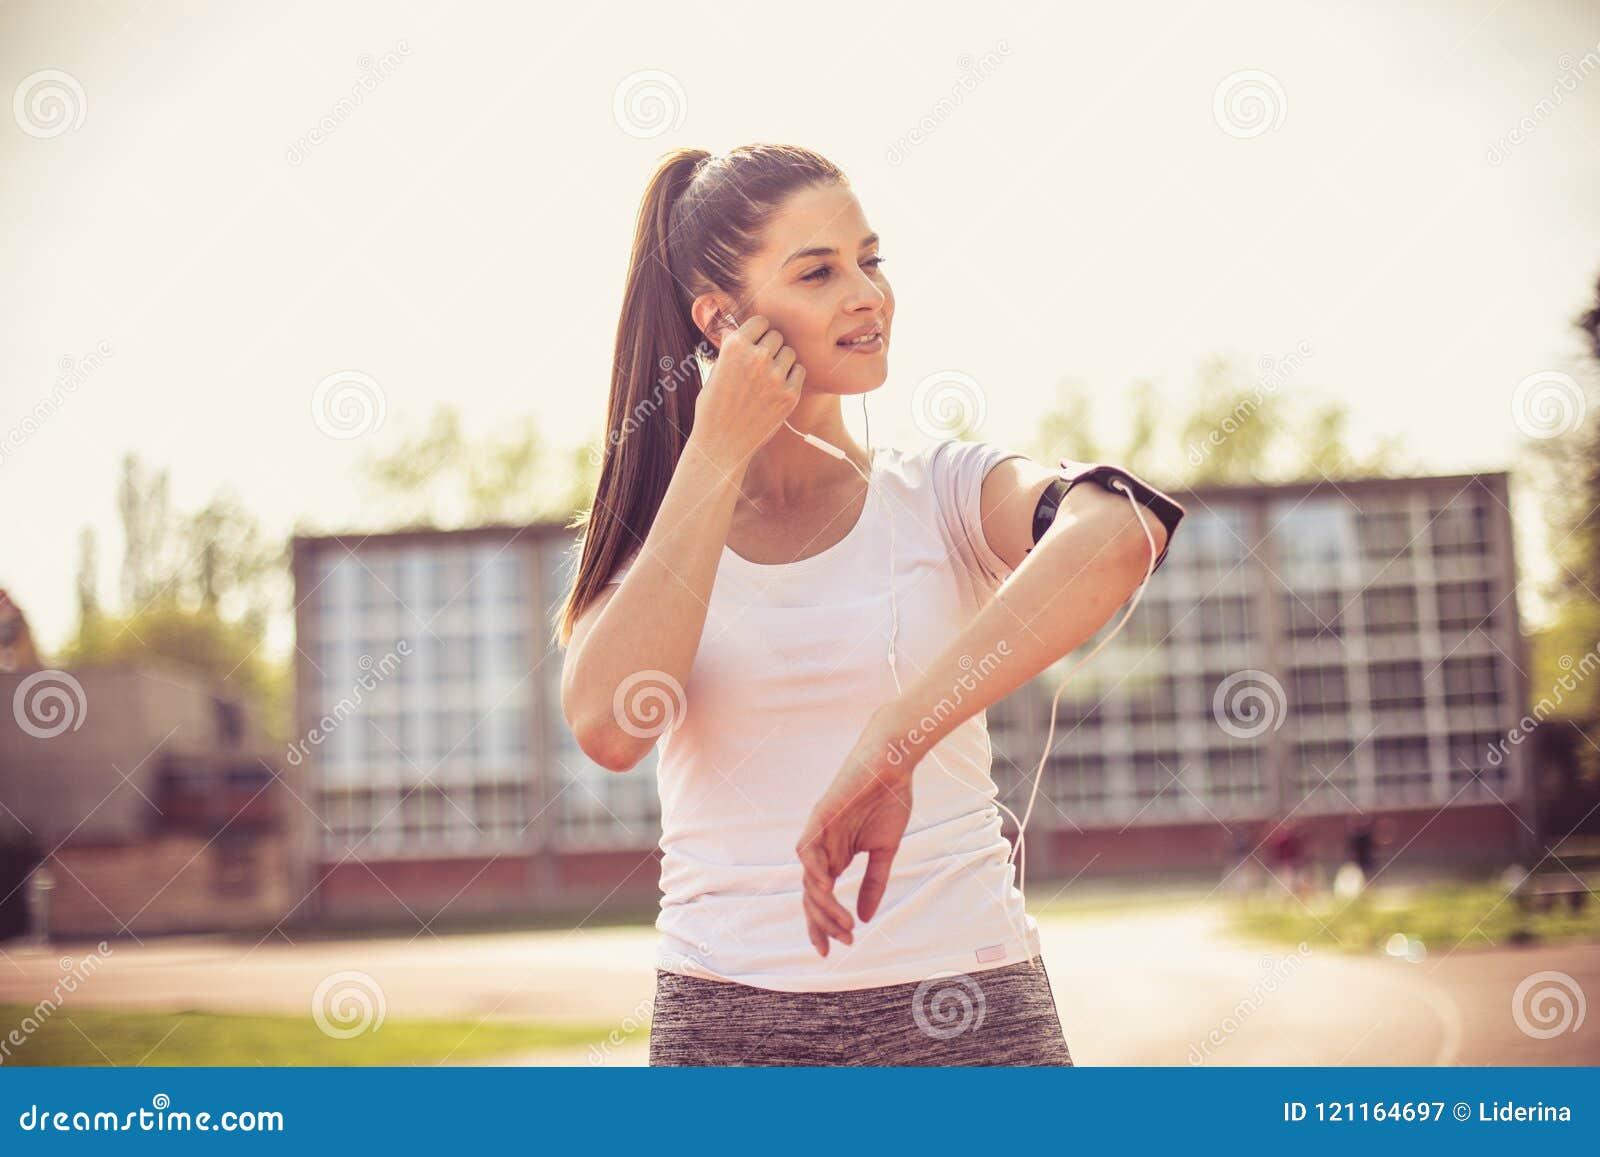 Motivationmusikbehov dig för bra övning